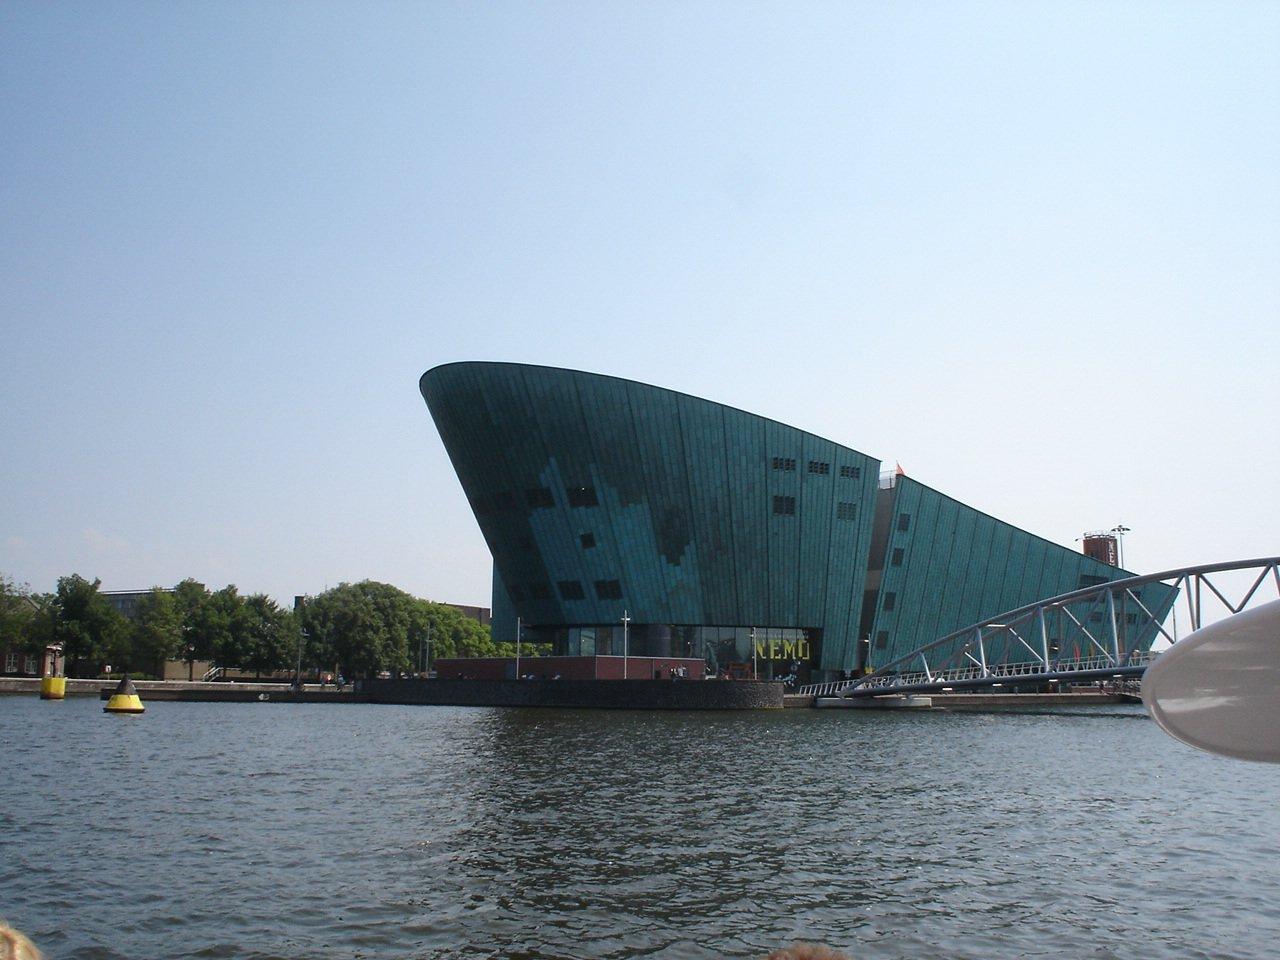 Музей NEMO, Амстердам, Нидерланды, Июль, 2006